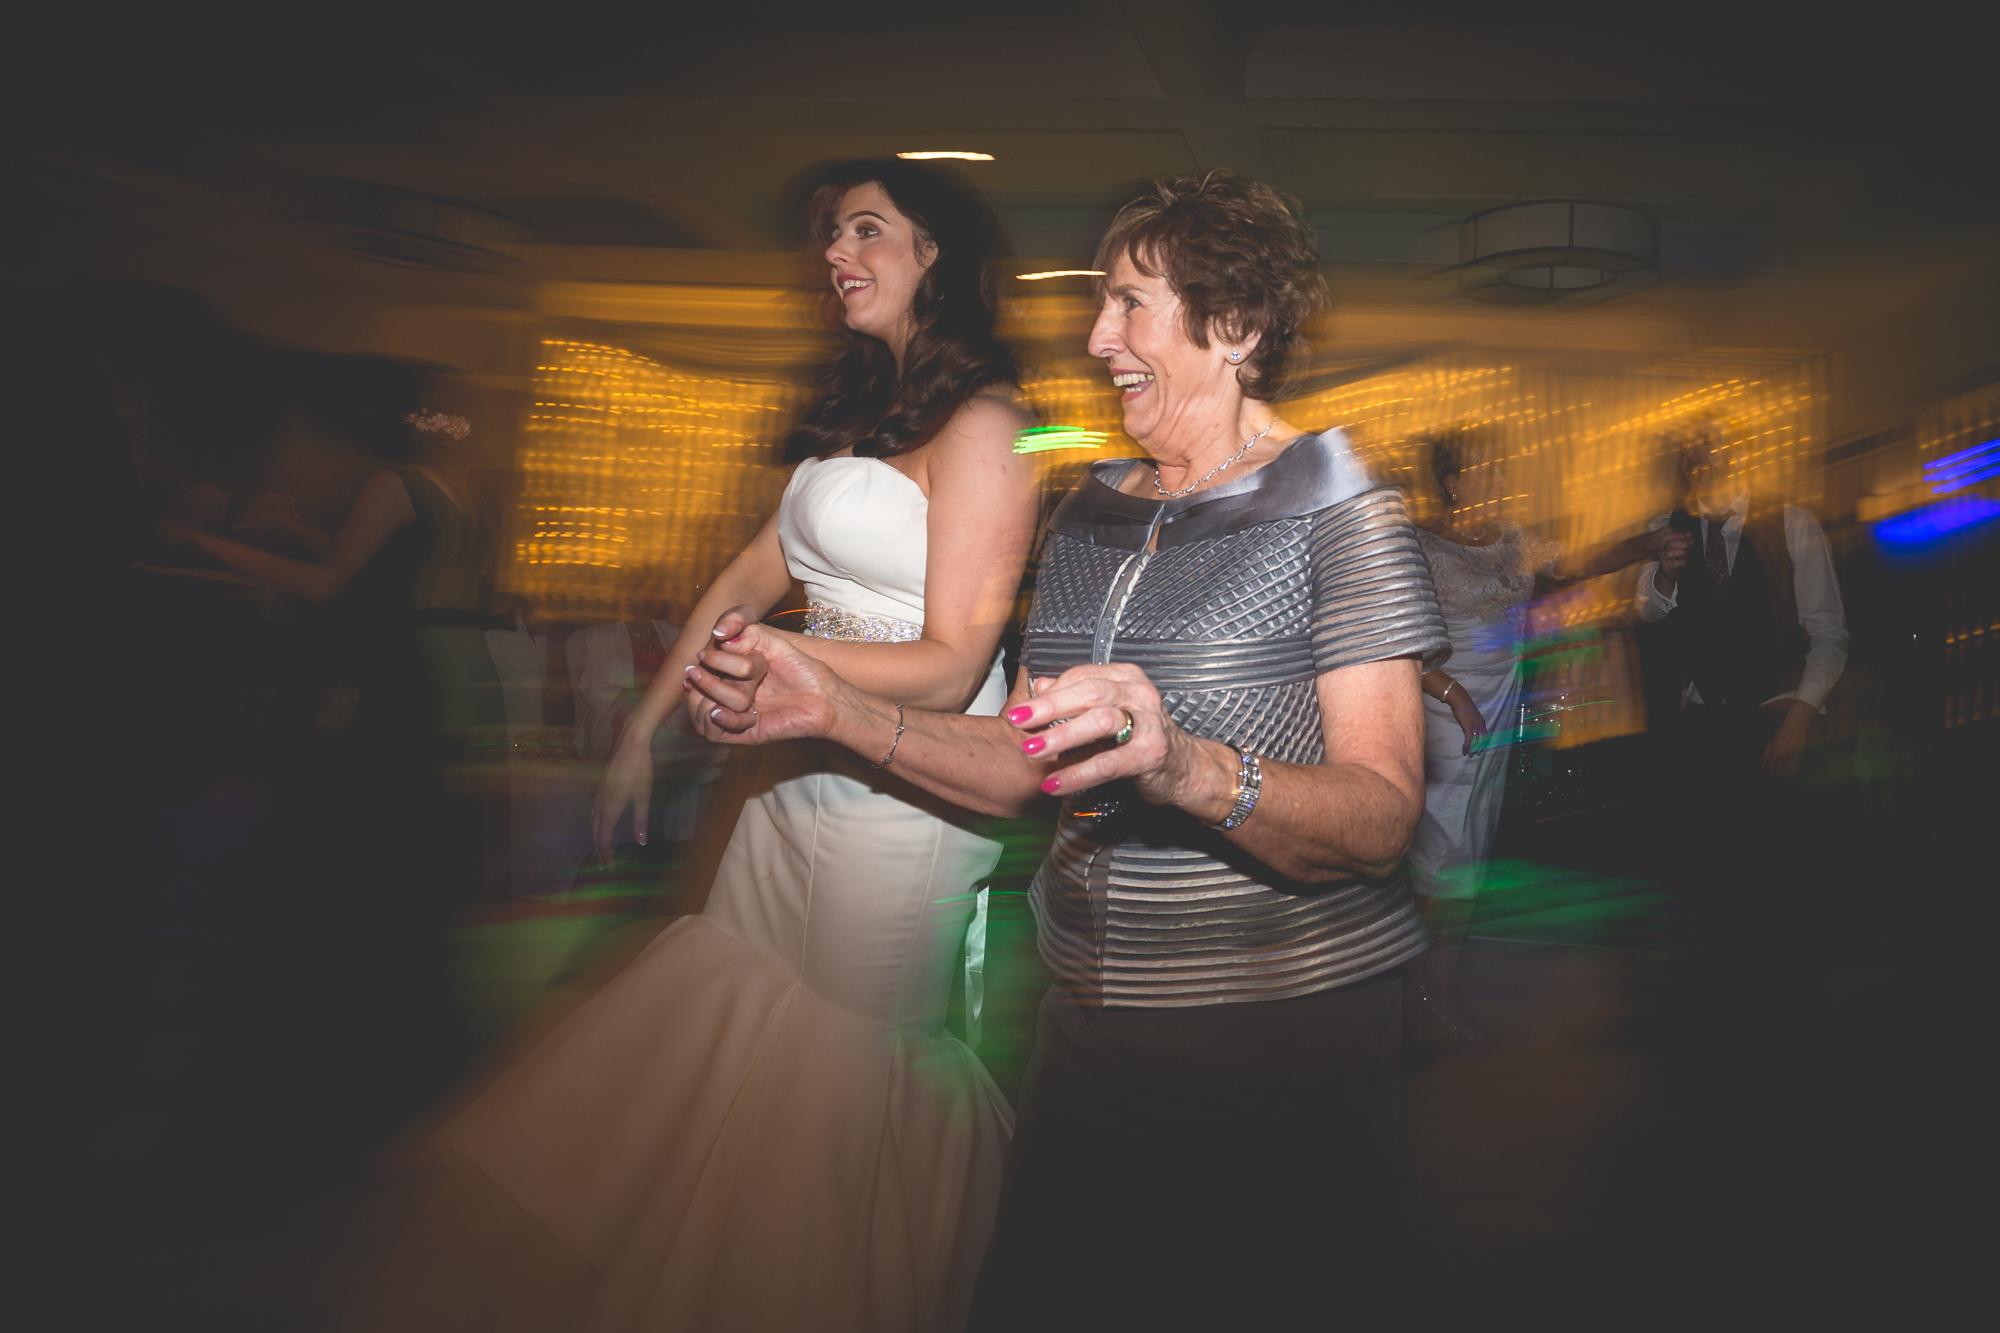 Francis&Oonagh-Dancing-25.jpg